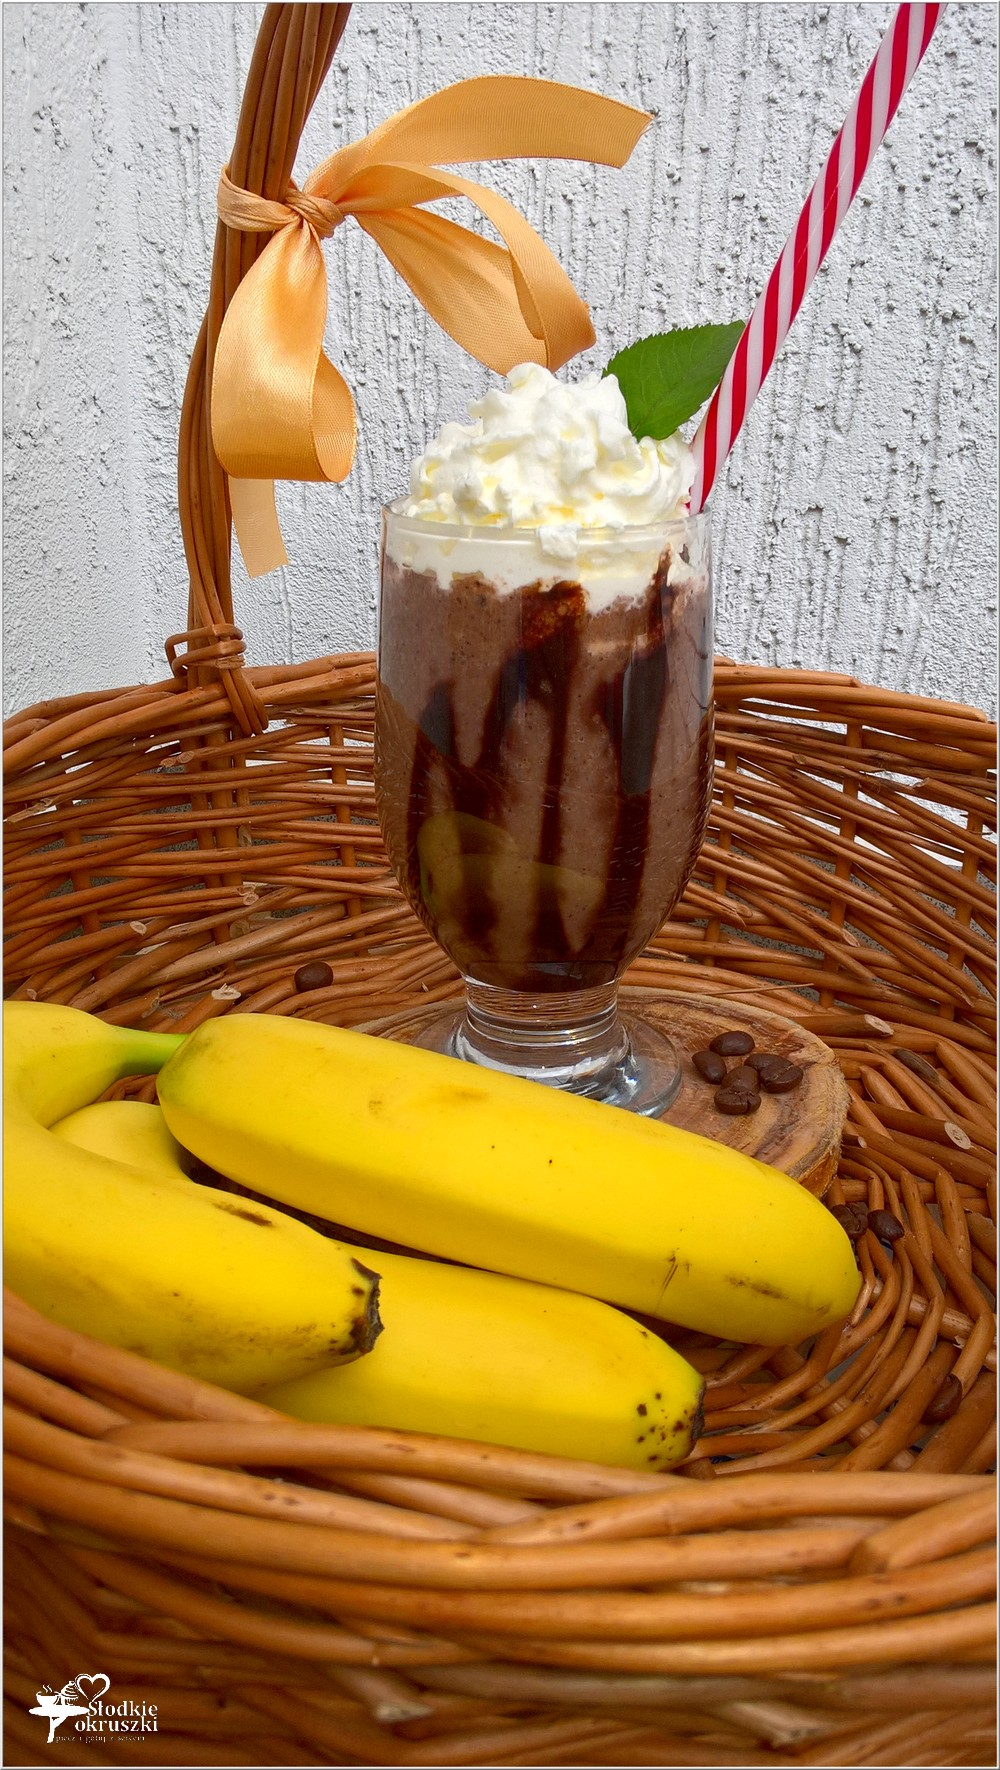 Letnie przebudzenie - kawa daktylowo bananowa (1)